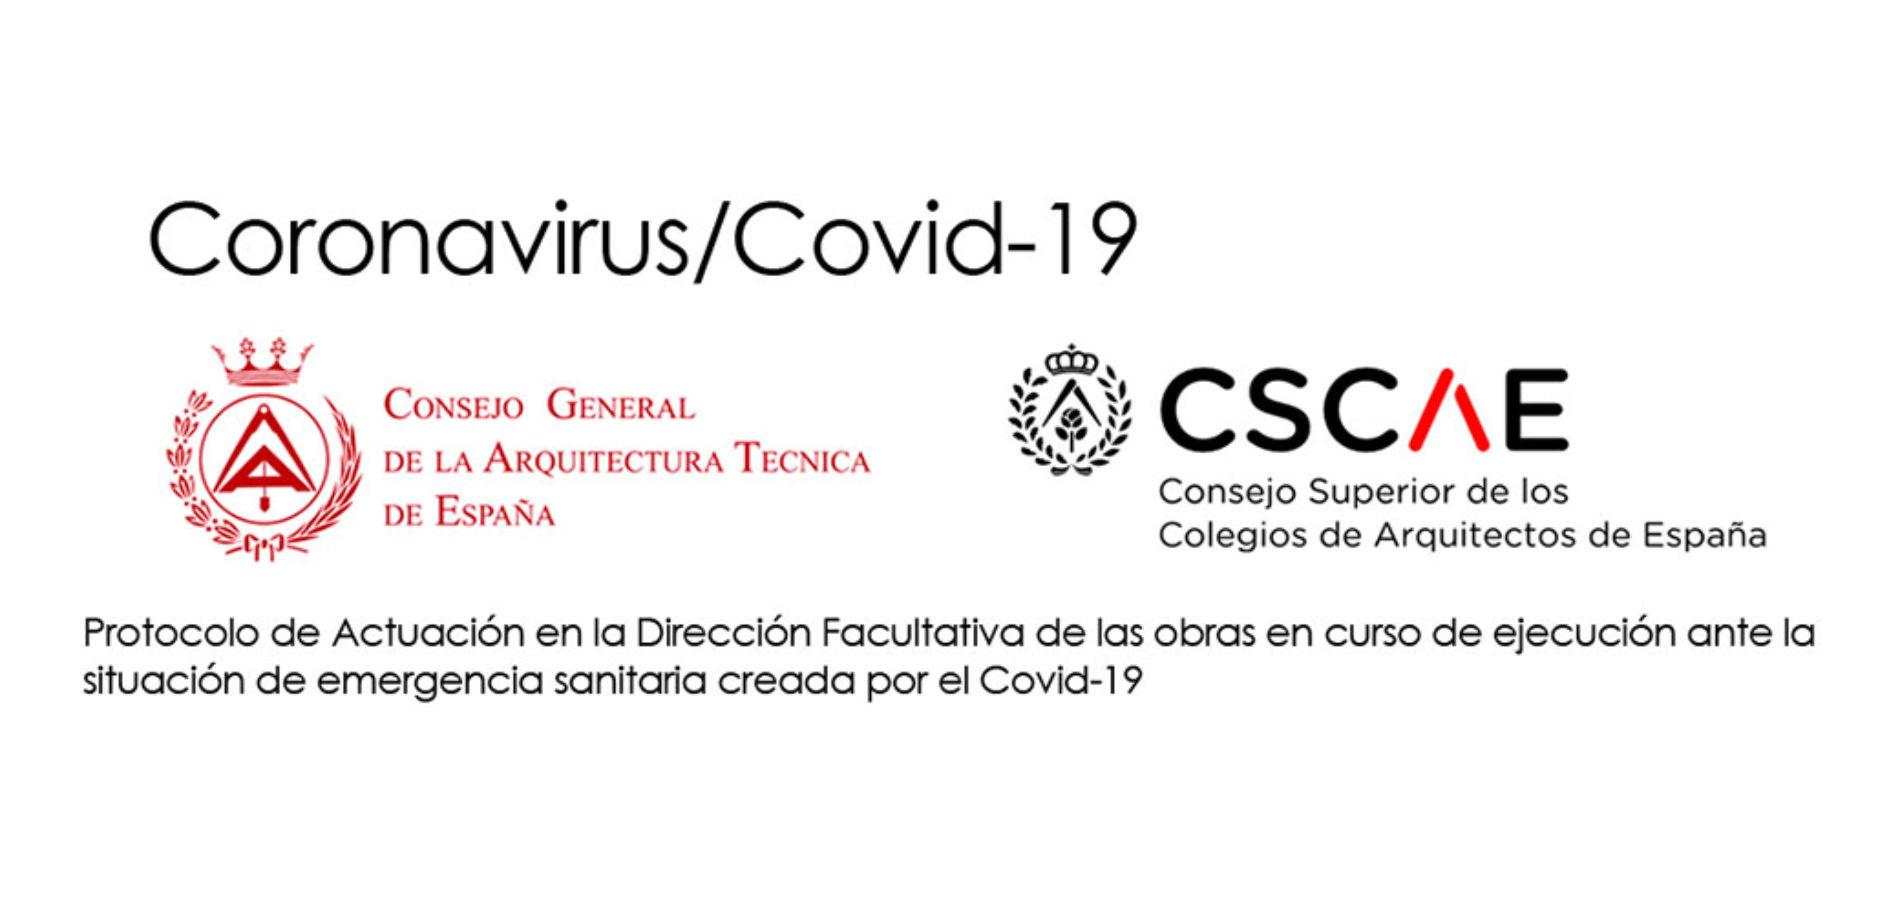 COVID-19. Protocolo de actuación en la dirección facultativa de las obras.